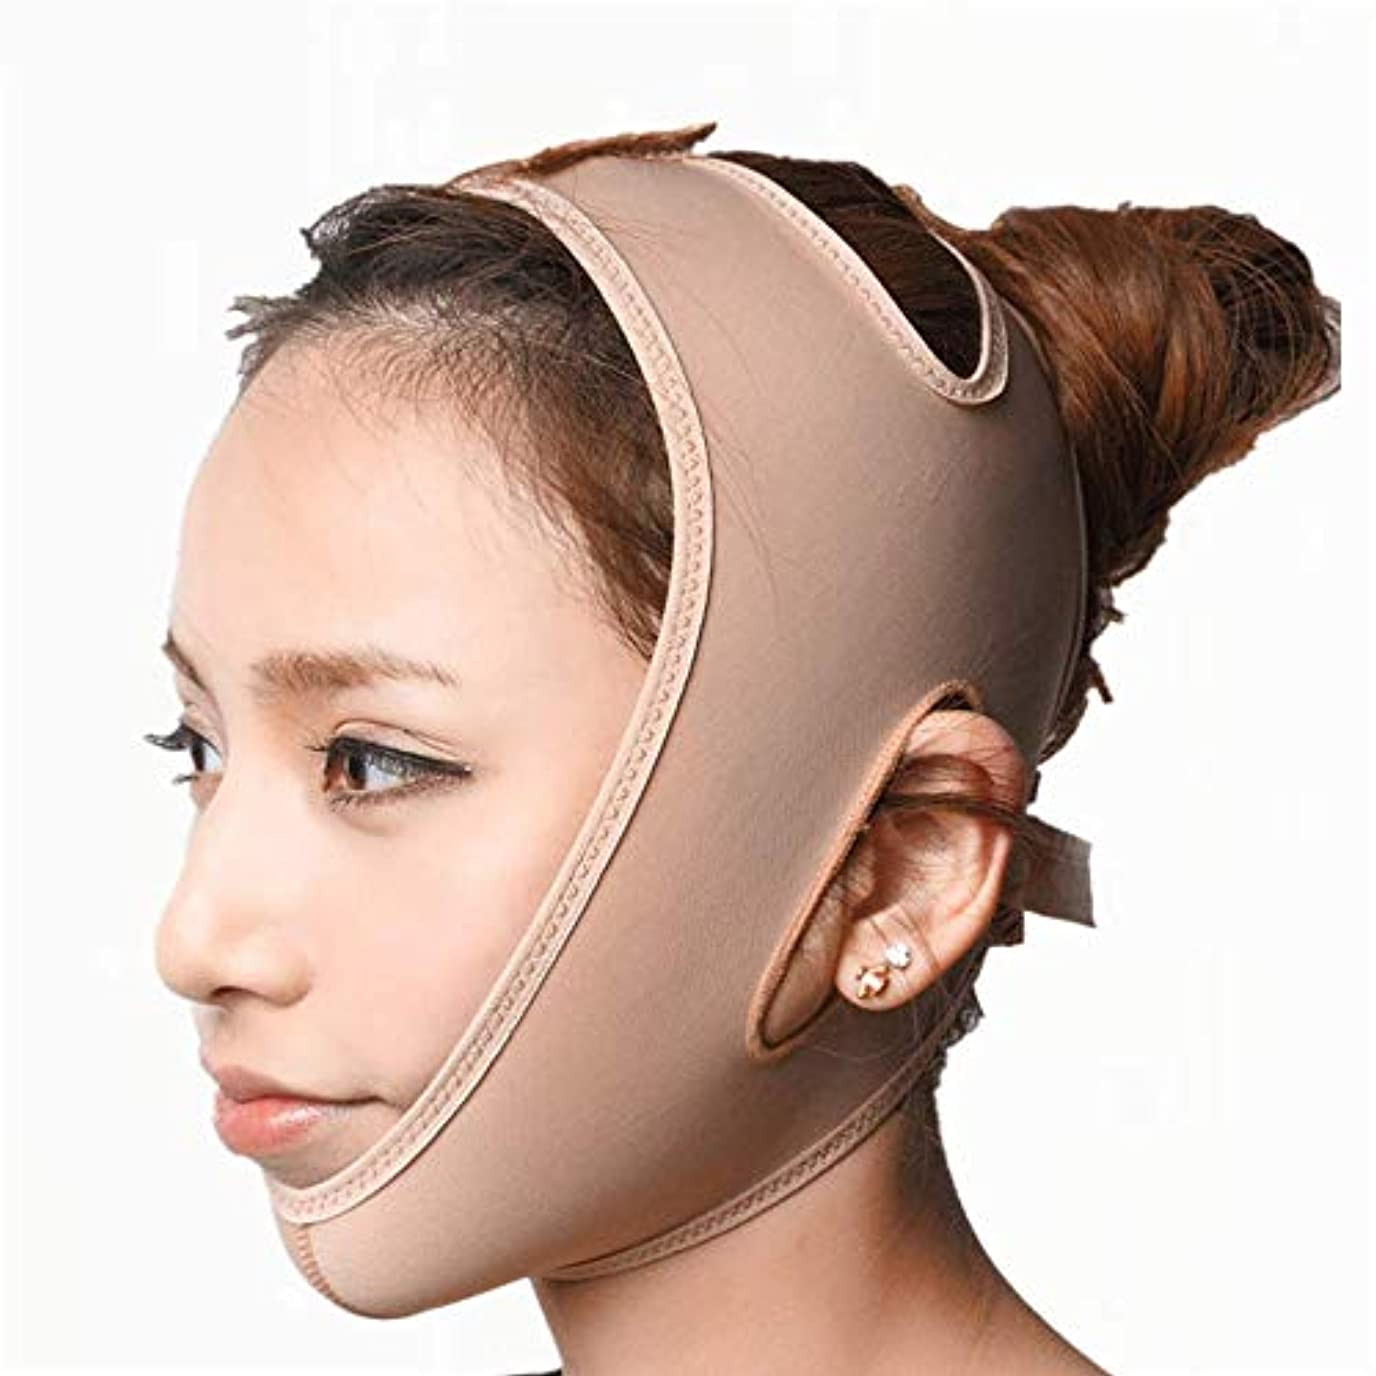 眠いです磁石注入する薄い顔ベルト薄い顔アーティファクトVフェイス包帯マスクフェイシャルマッサージシンダブルチンデバイス